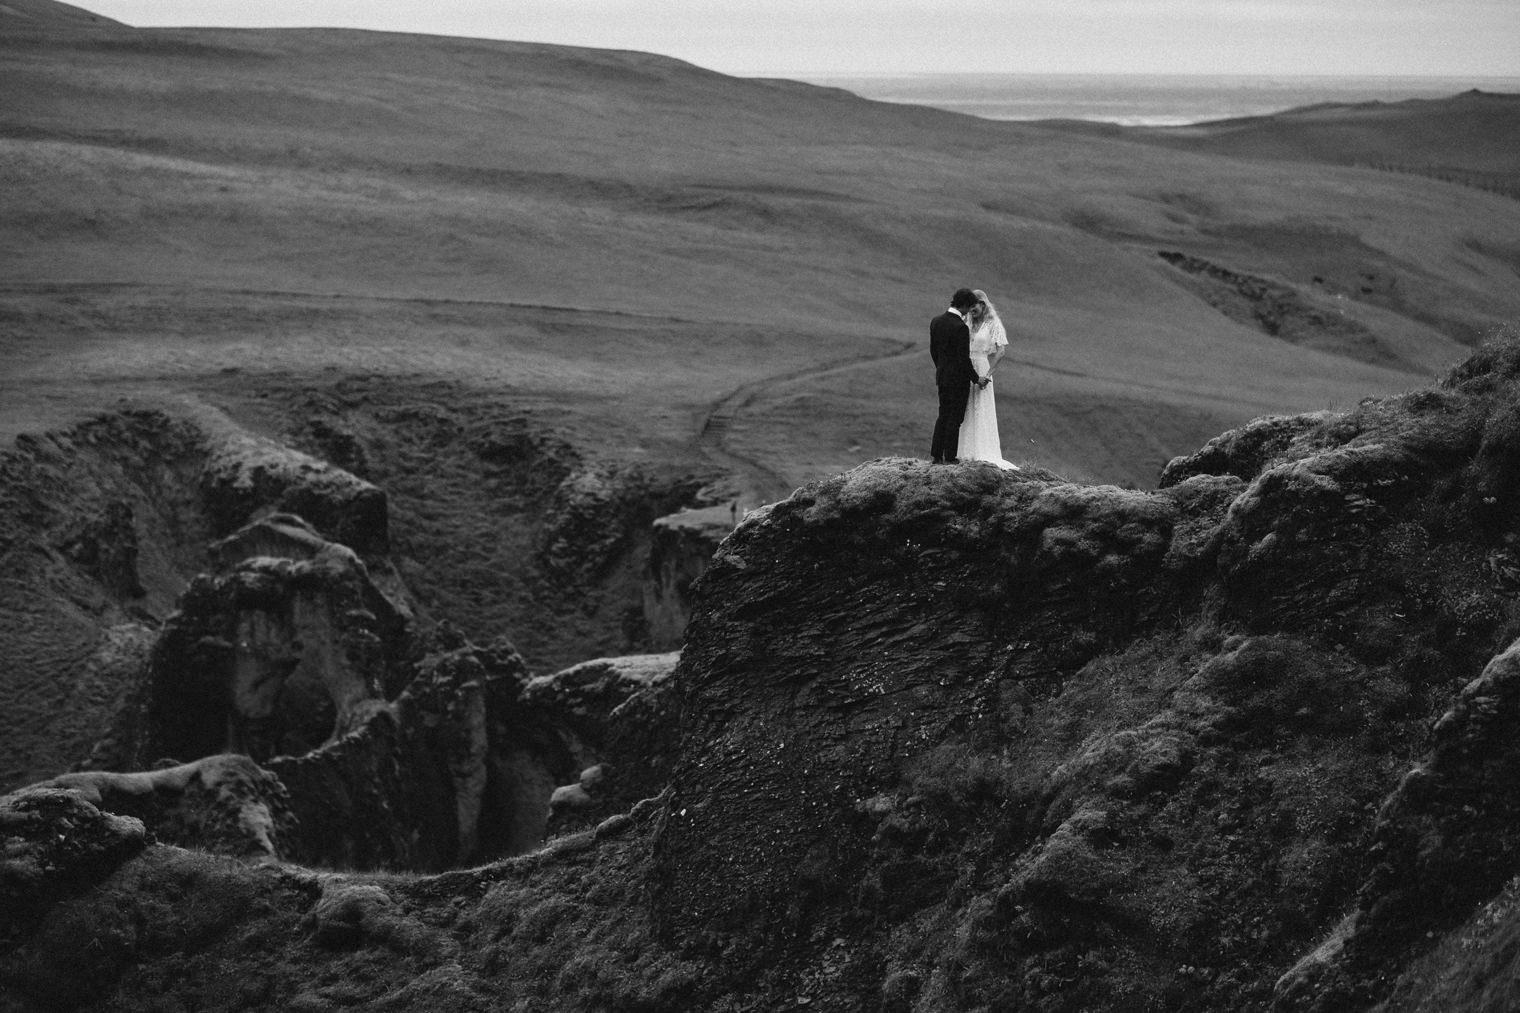 063-iceland-wedding